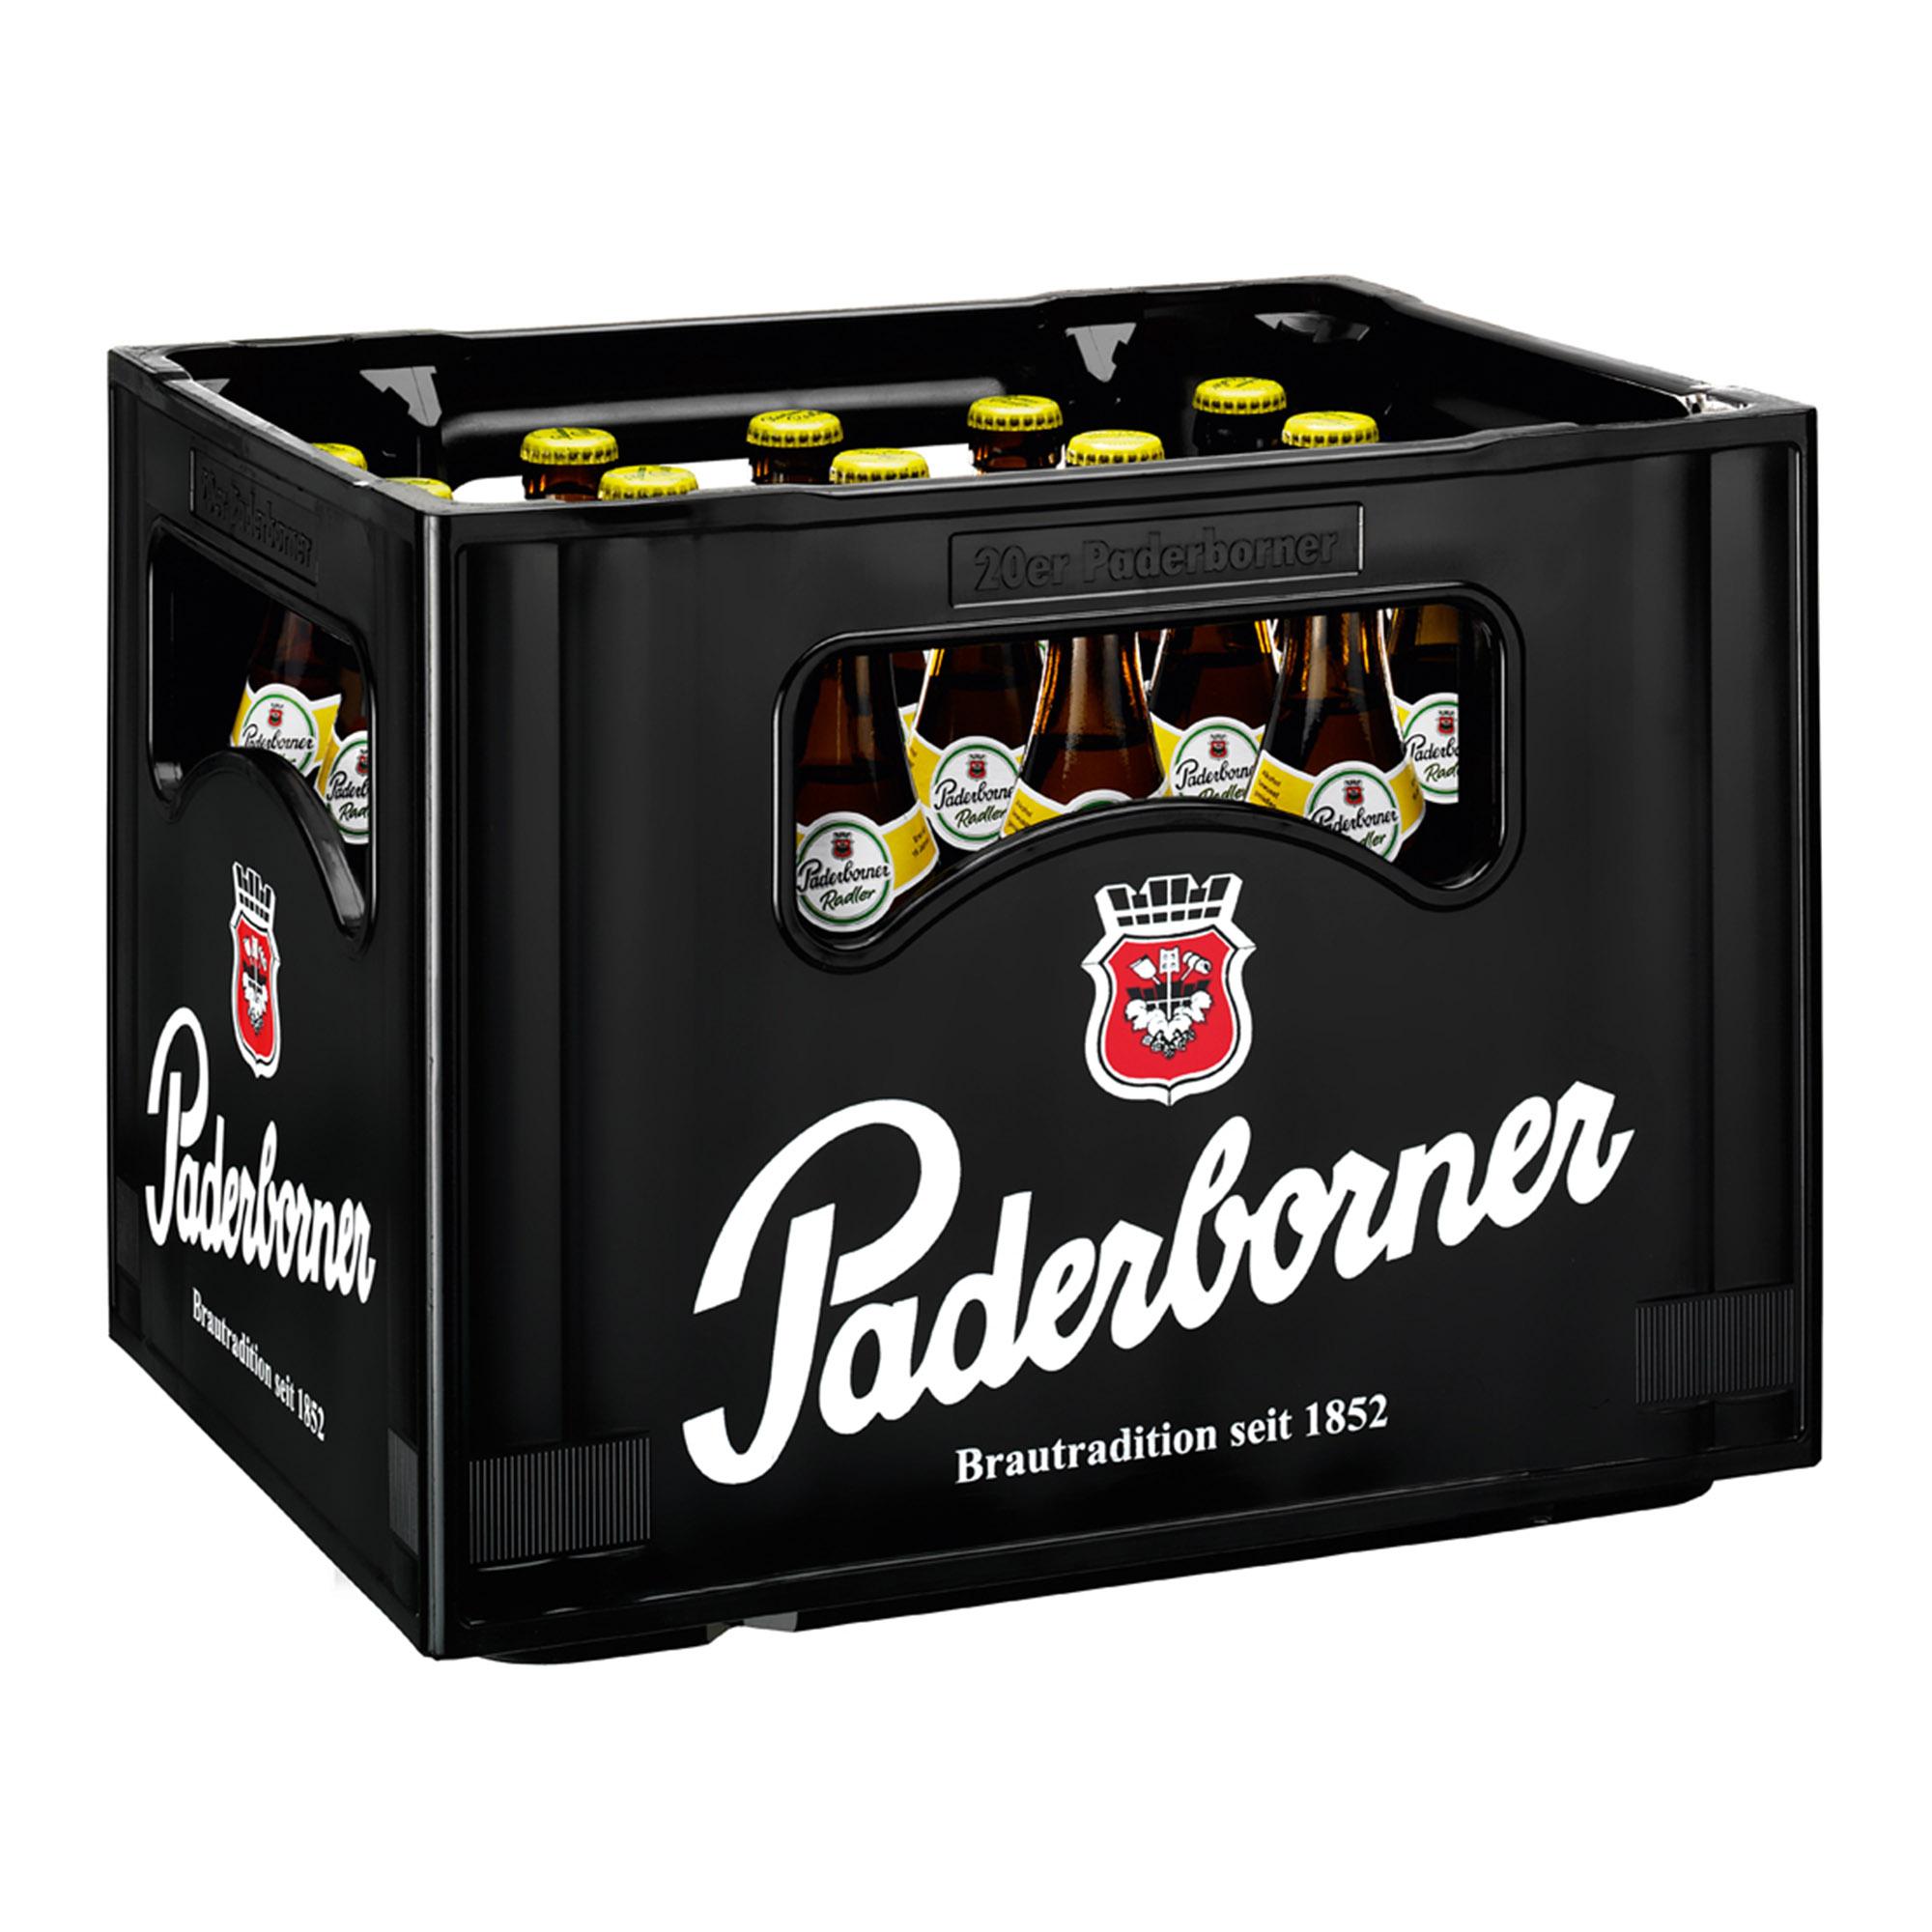 Produktabbildung Paderborner Radler Kasten 20 x 0,5 l